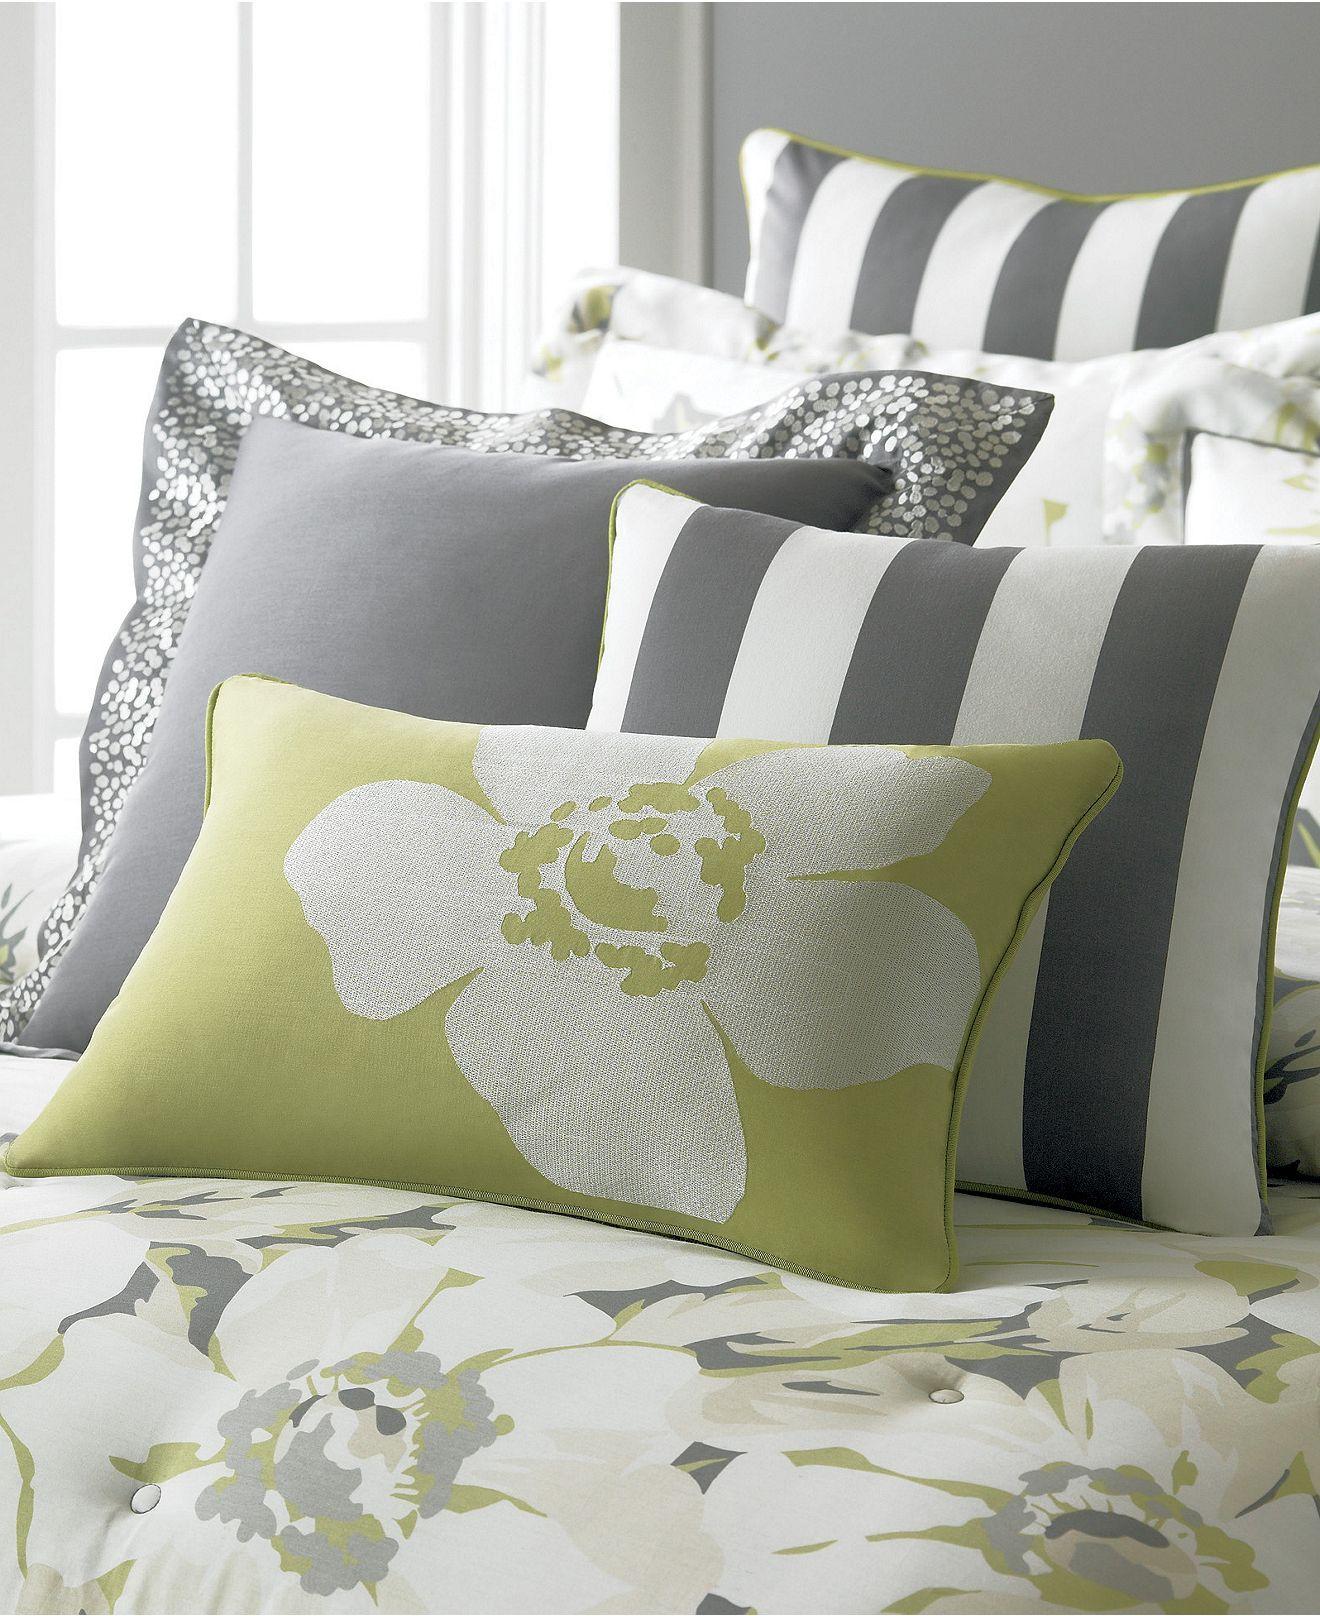 Martha Stewart Collection Bedding Sunshine Poppy 6 Piece